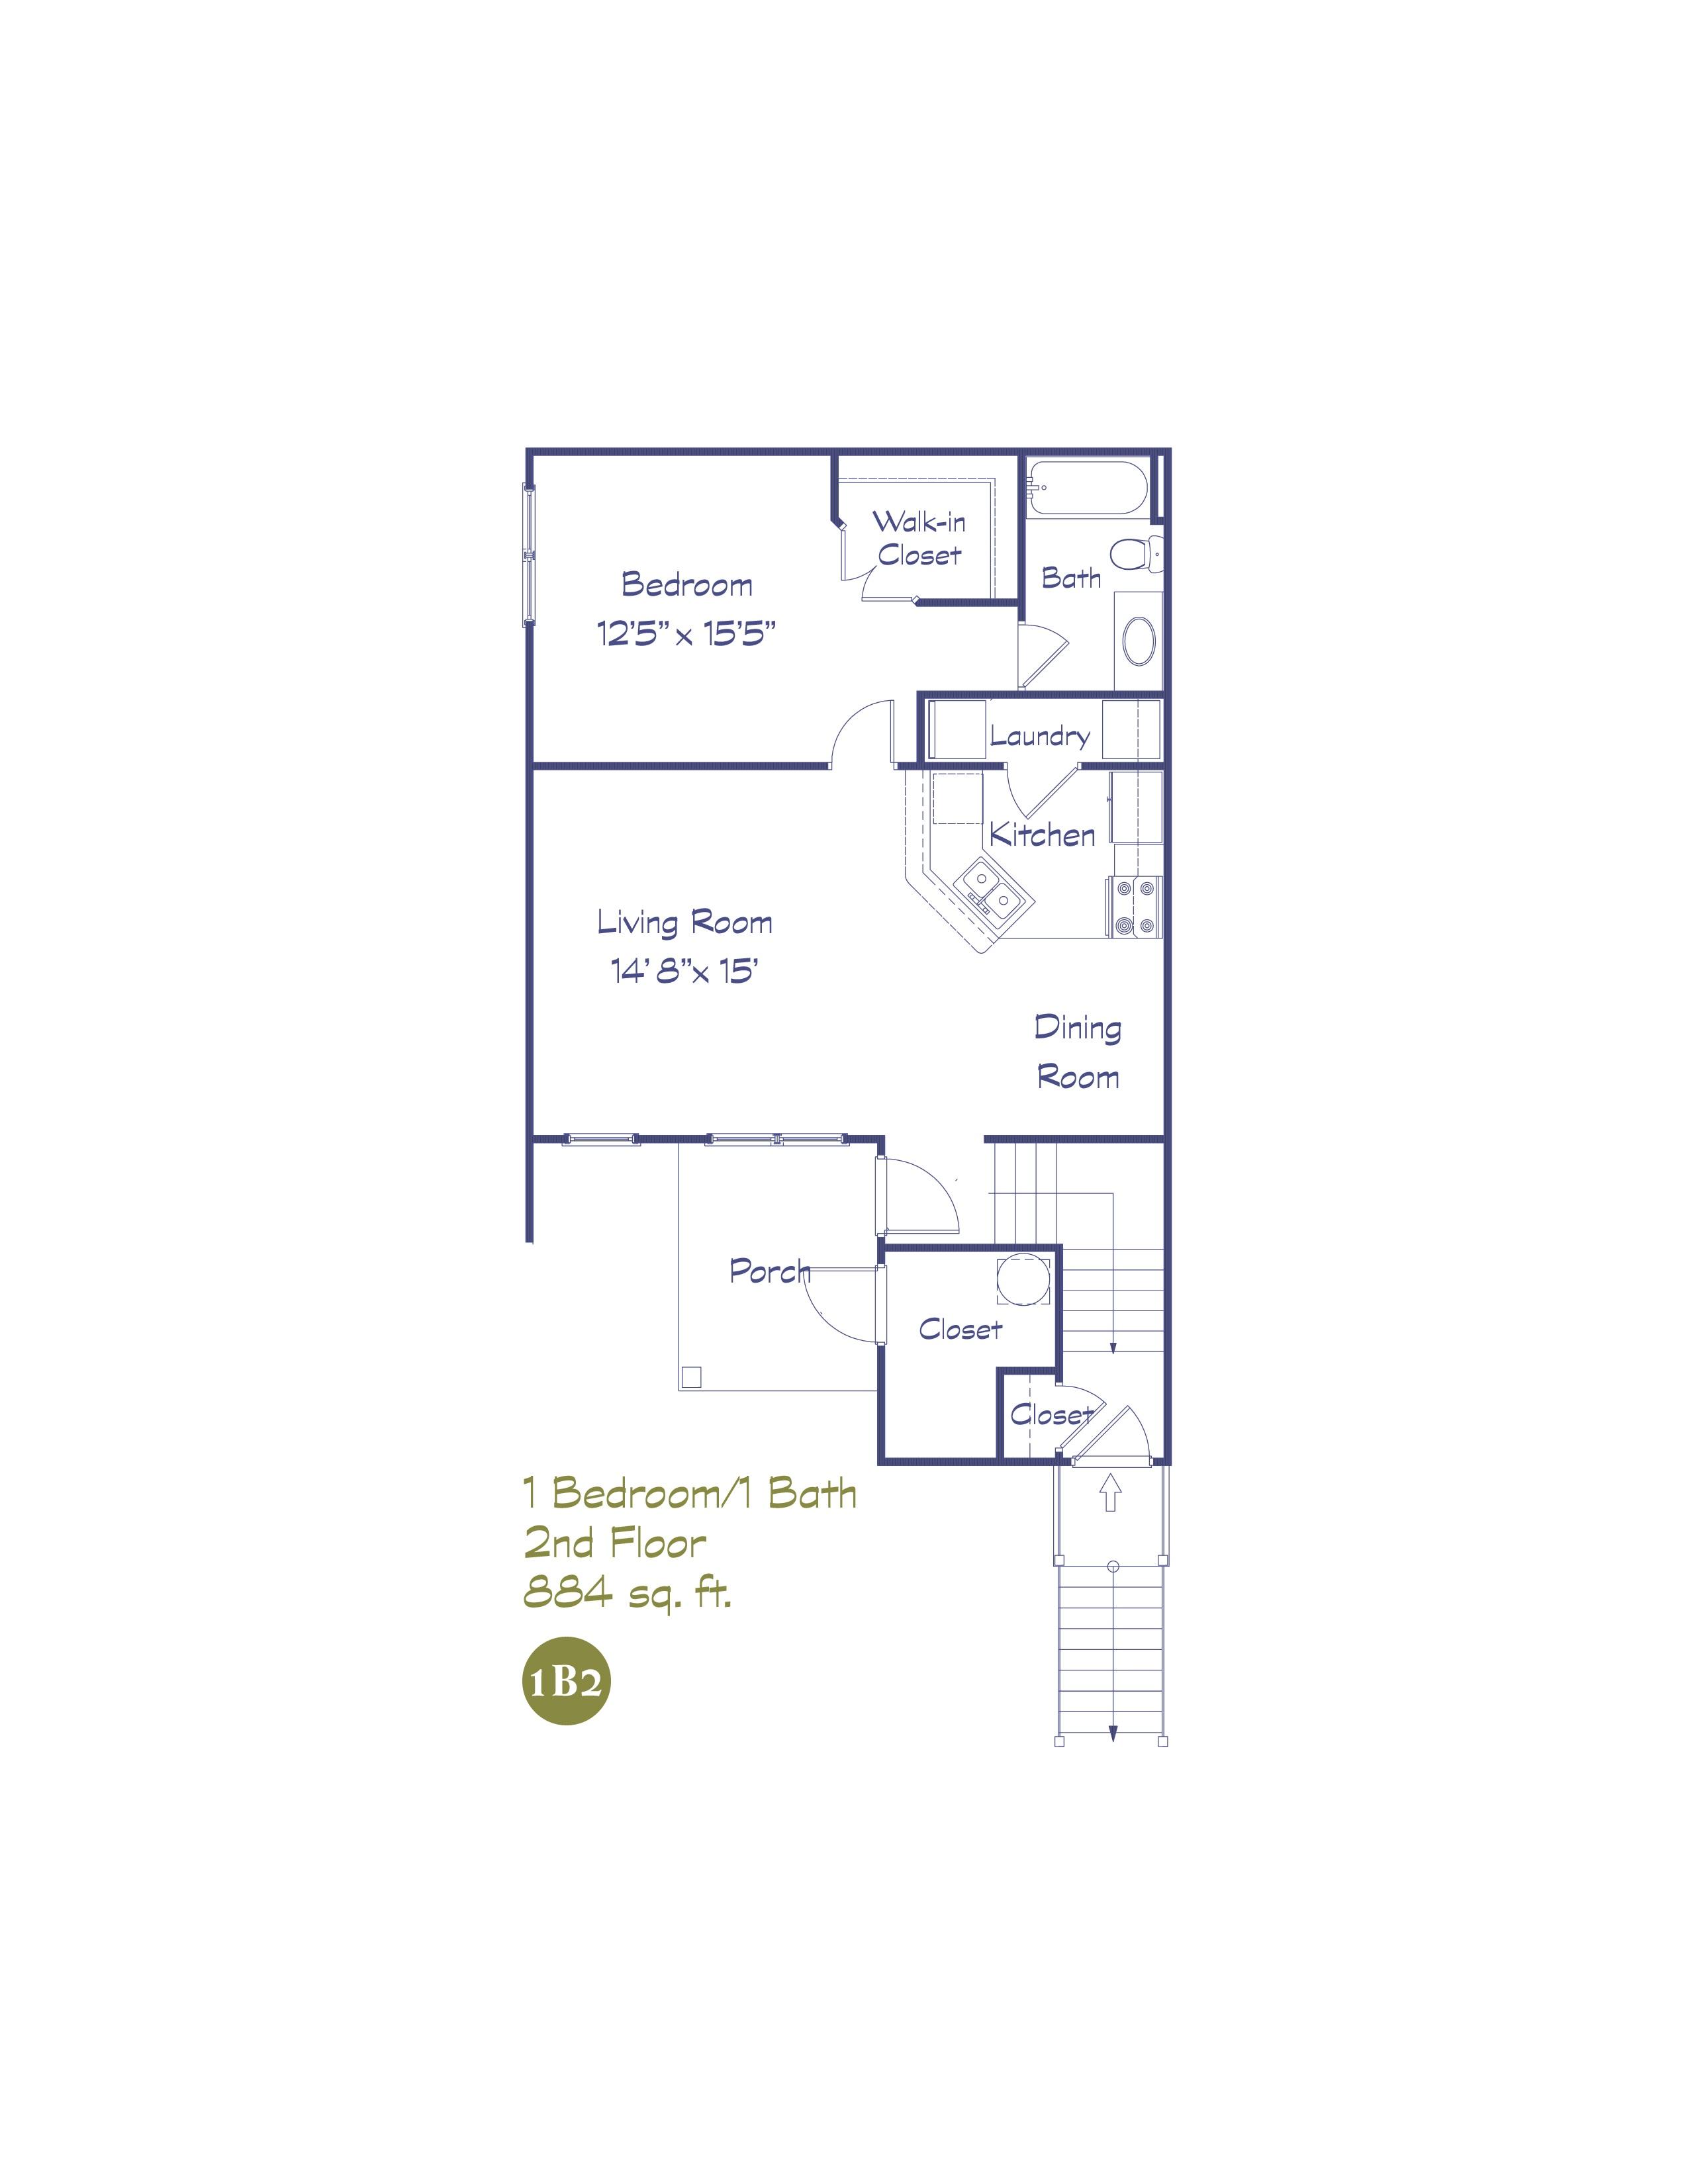 1B2 One Bedroom - 2nd Floor